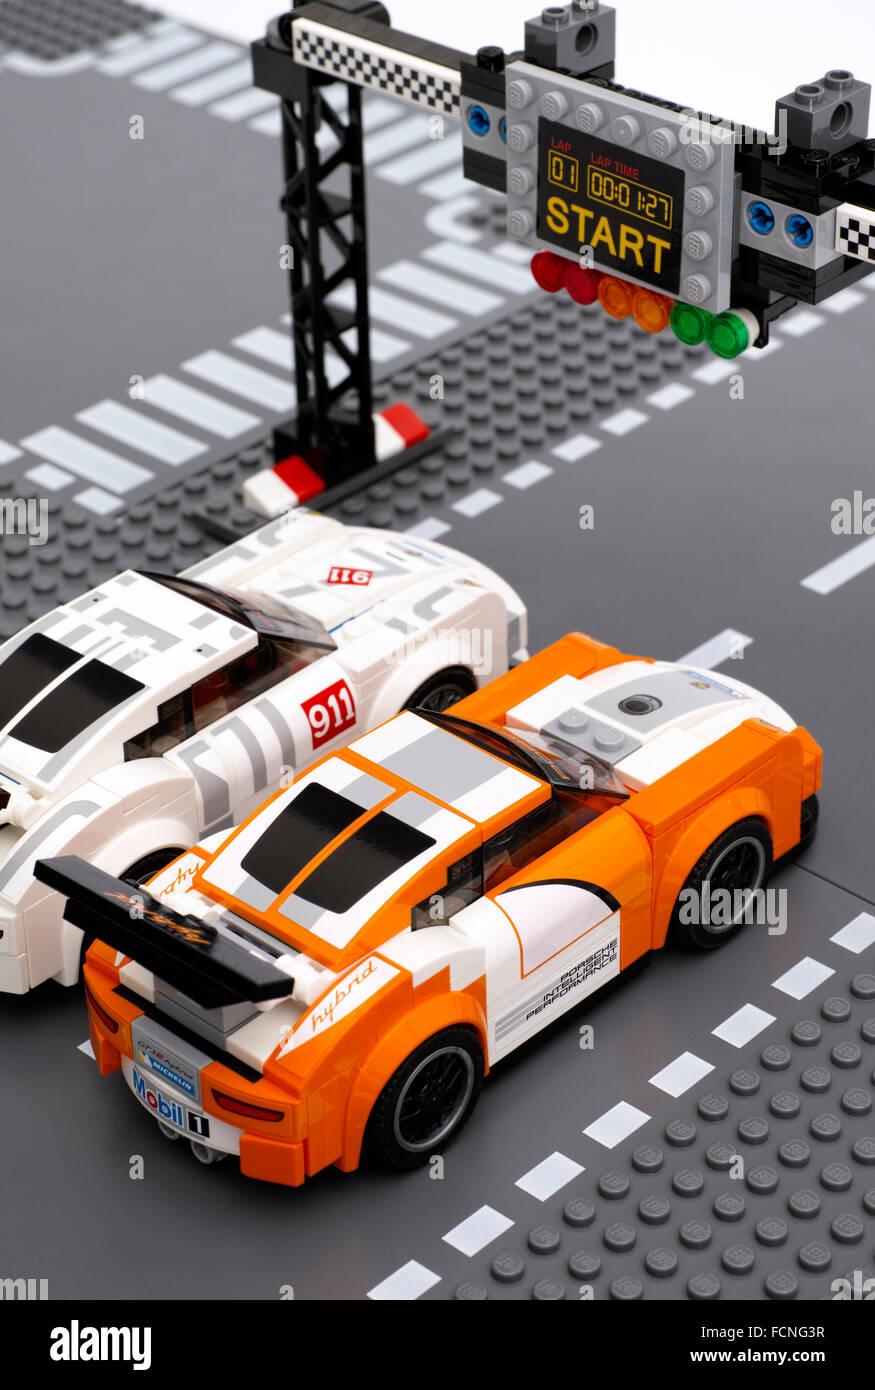 Porsche 911 Race Car Stock Photos Porsche 911 Race Car Stock